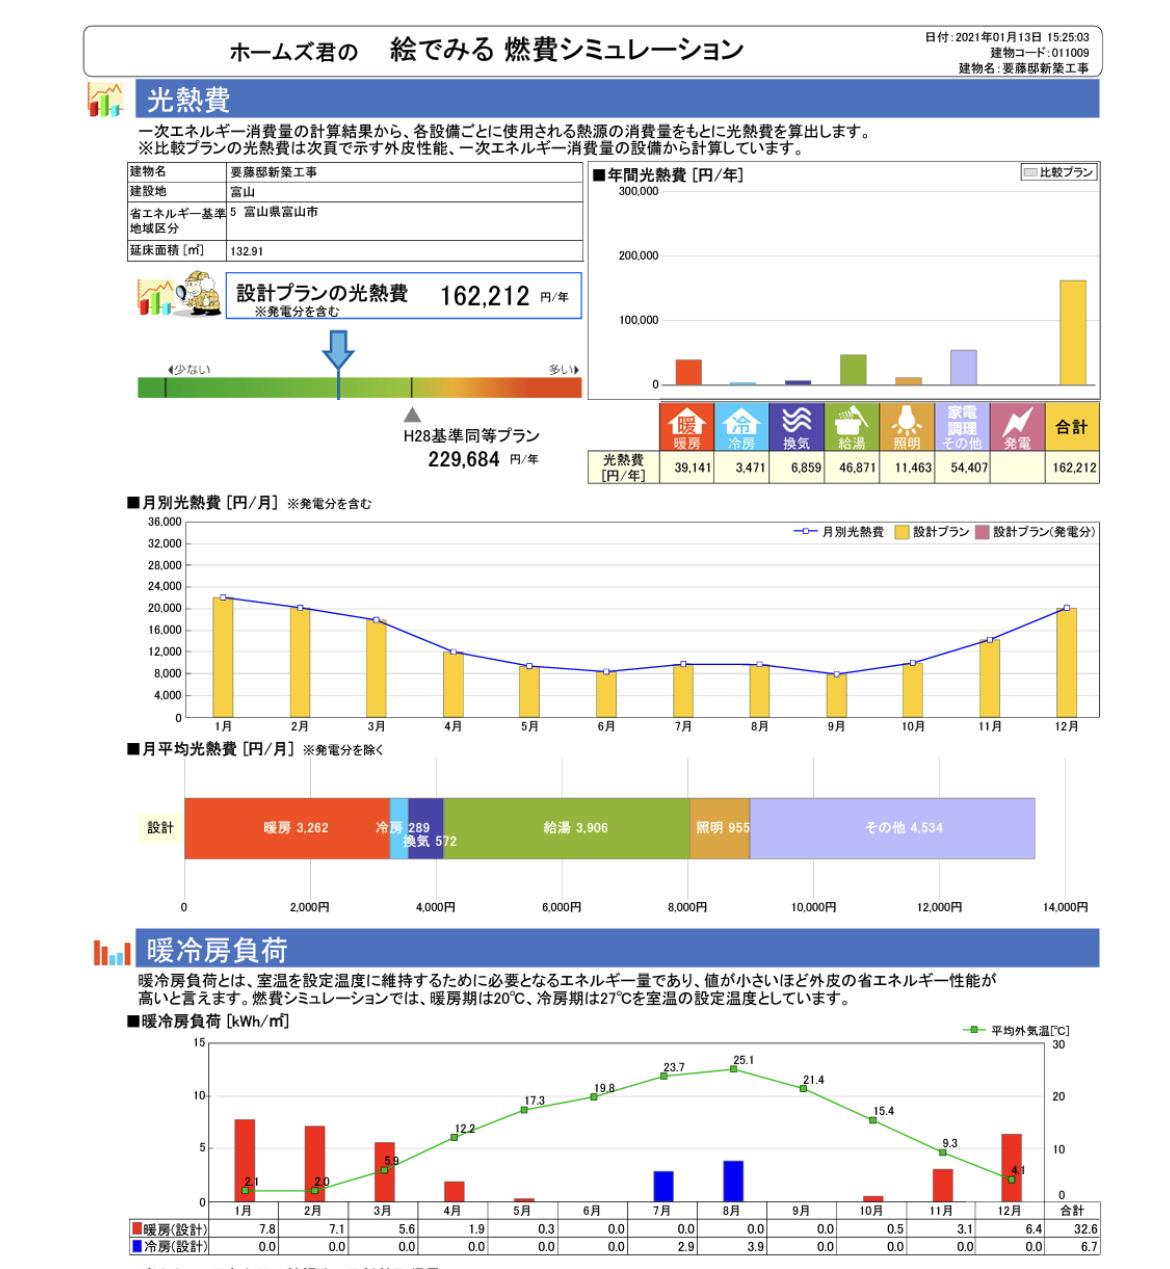 燃費シミュレーション.JPG